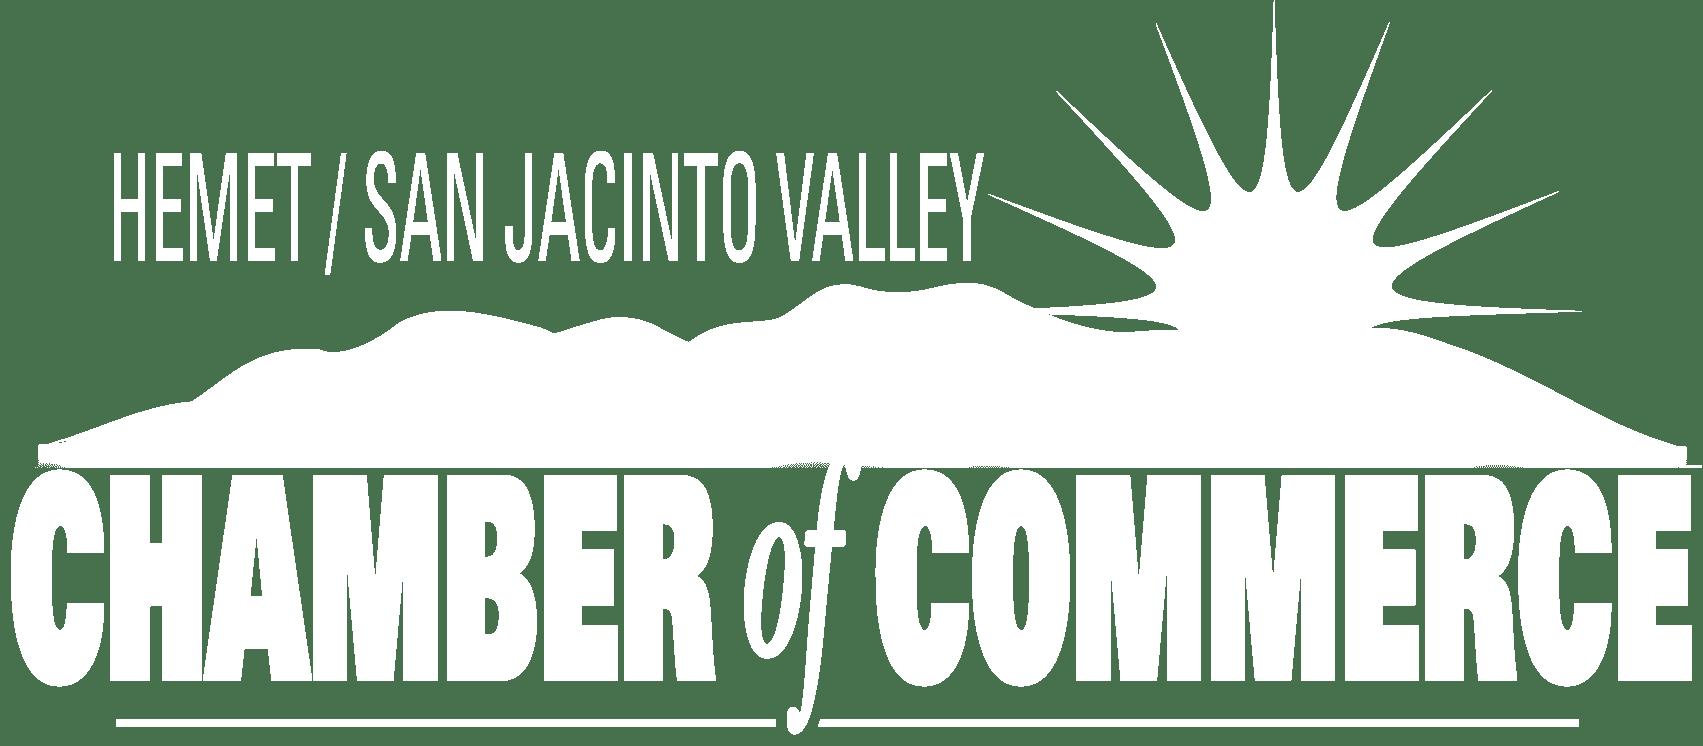 Hemet San Jacinto Valley Chamber of Commerce